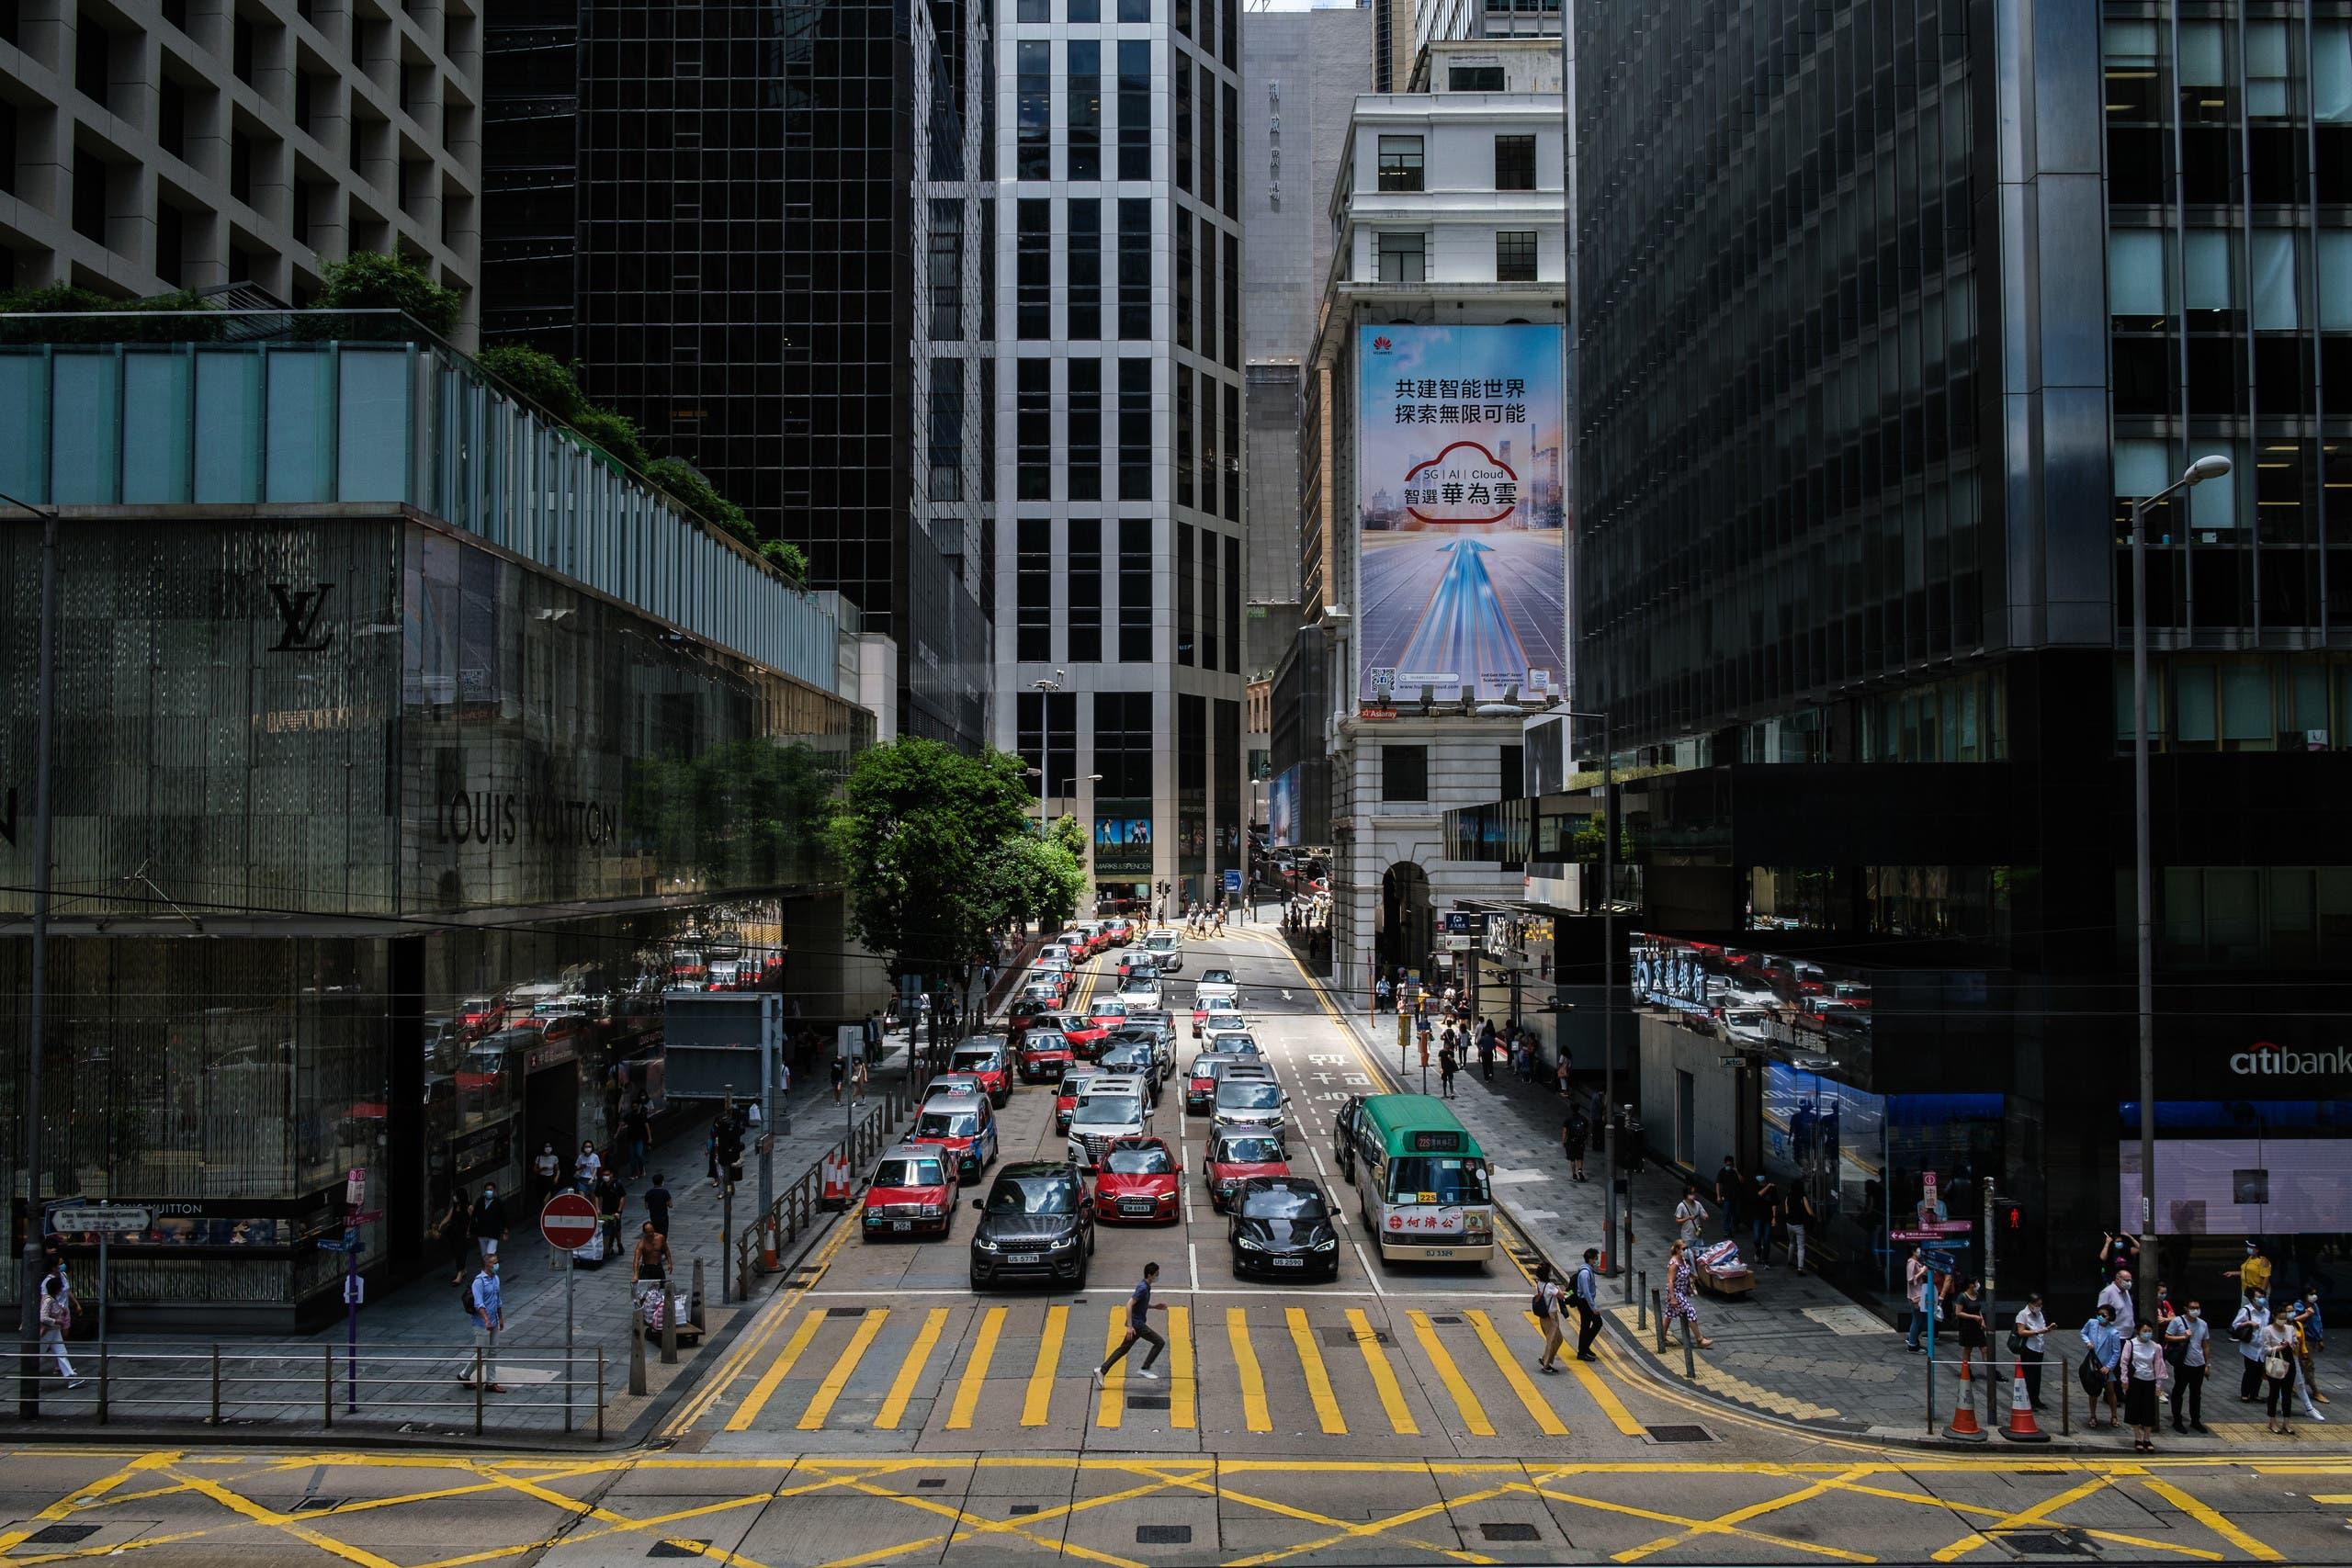 مركز الأعمال في هونغ كونغ